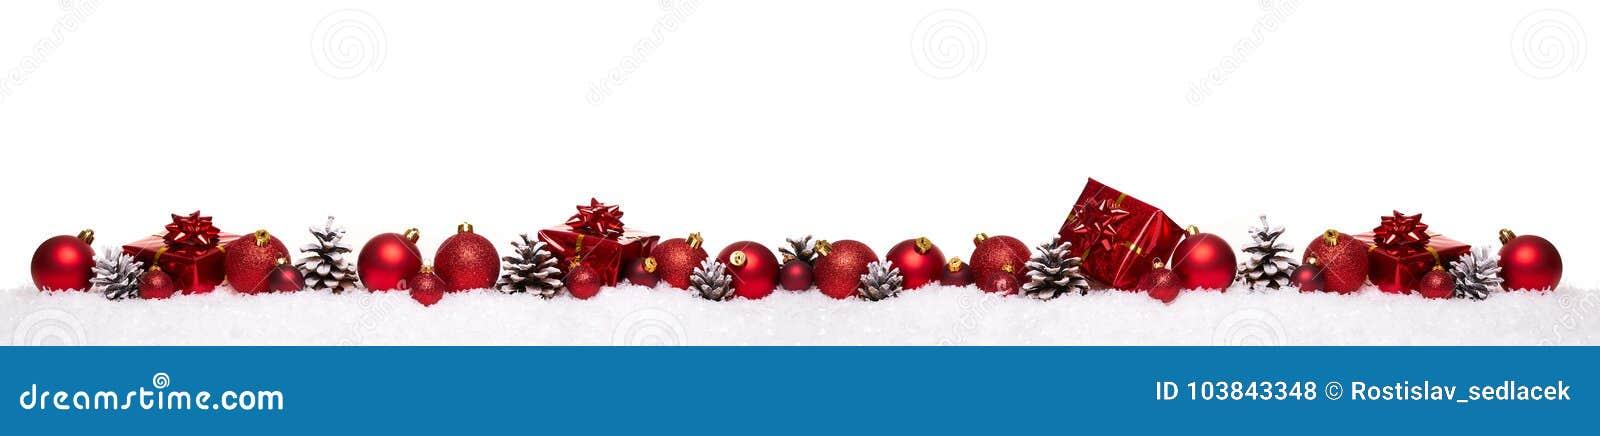 Красные шарики рождества с xmas представляют подарочные коробки в ряд изолированные на снеге